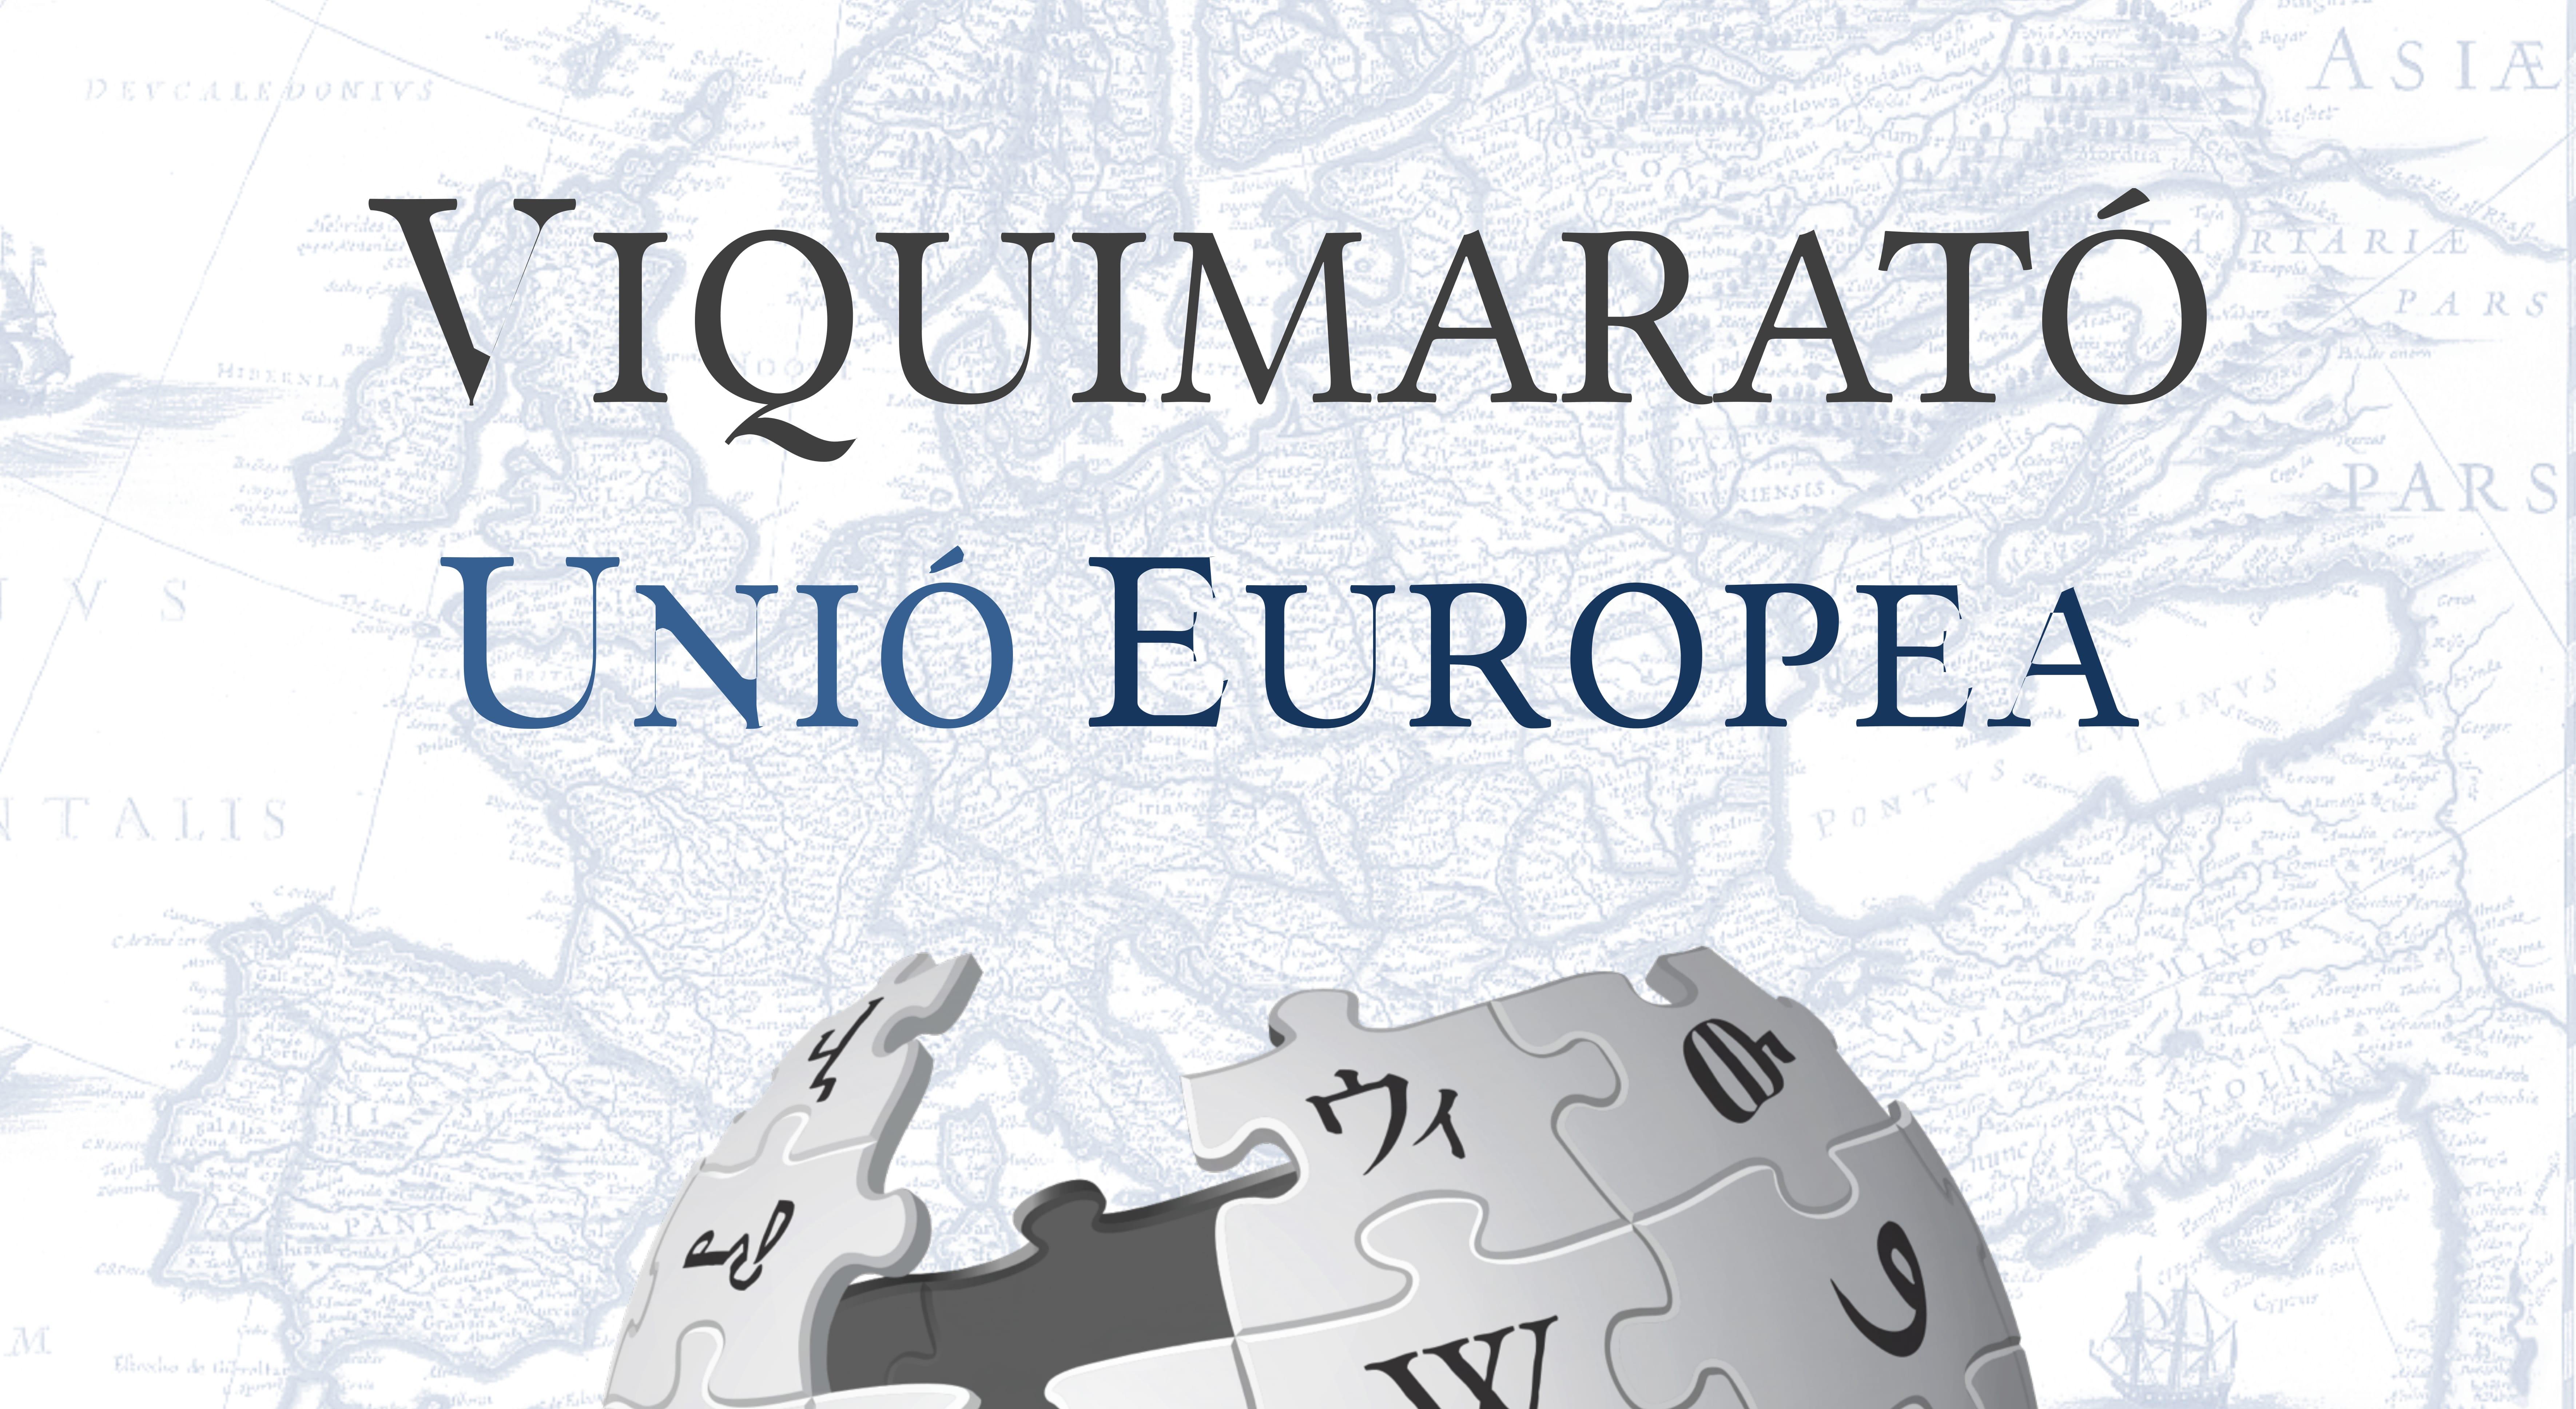 VIQUIMARATÓ – UNIÓ EUROPEA